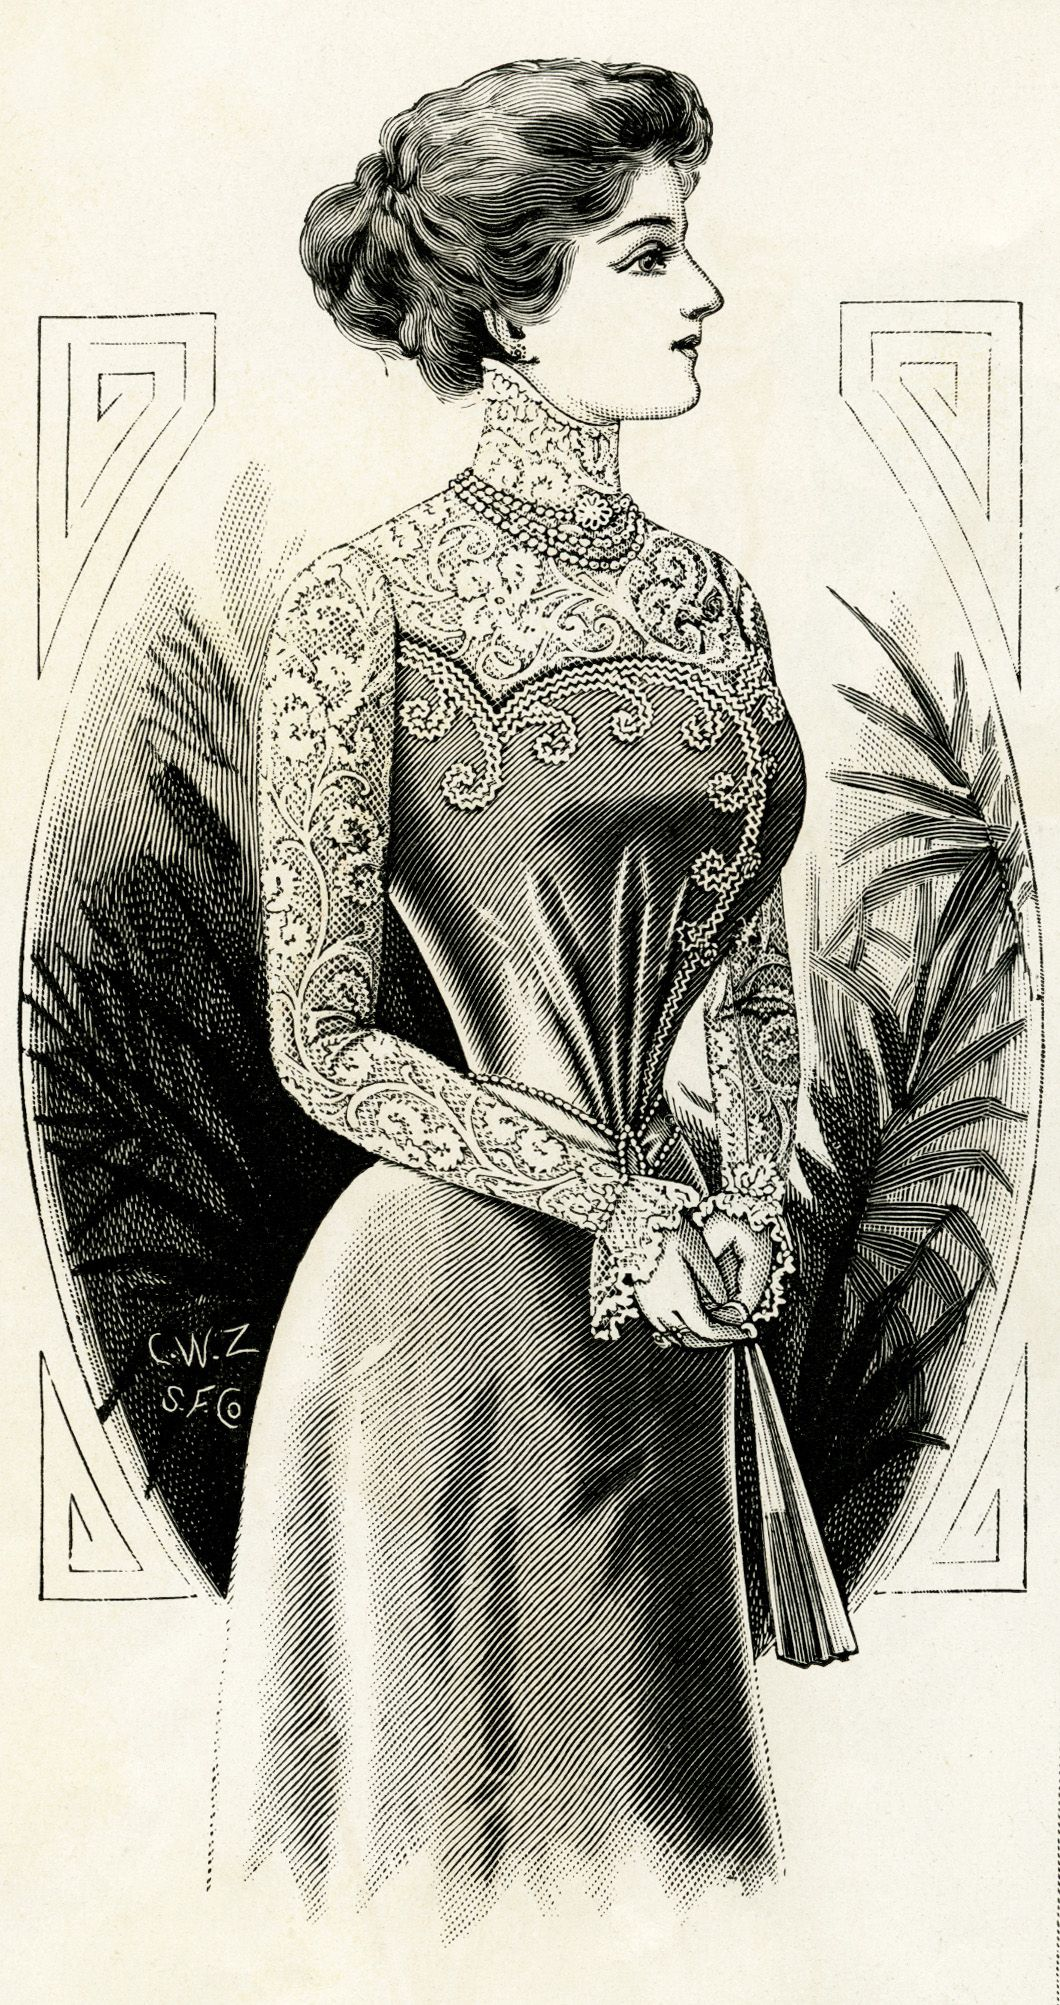 medium resolution of victorian clipart public domain public domain digital image graphic design resource antique designer